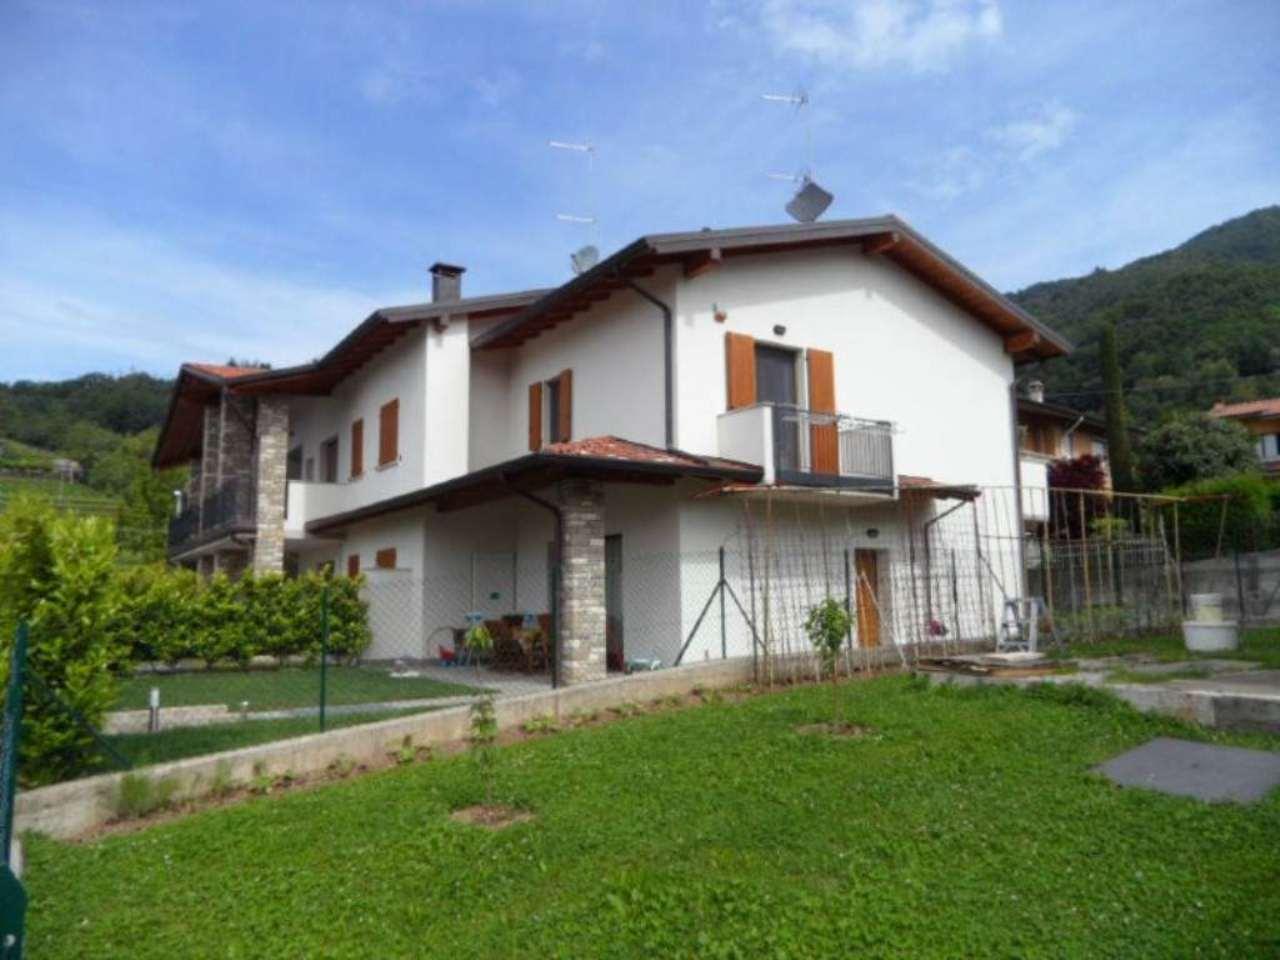 Appartamento in vendita a Cenate Sopra, 4 locali, prezzo € 250.000 | CambioCasa.it